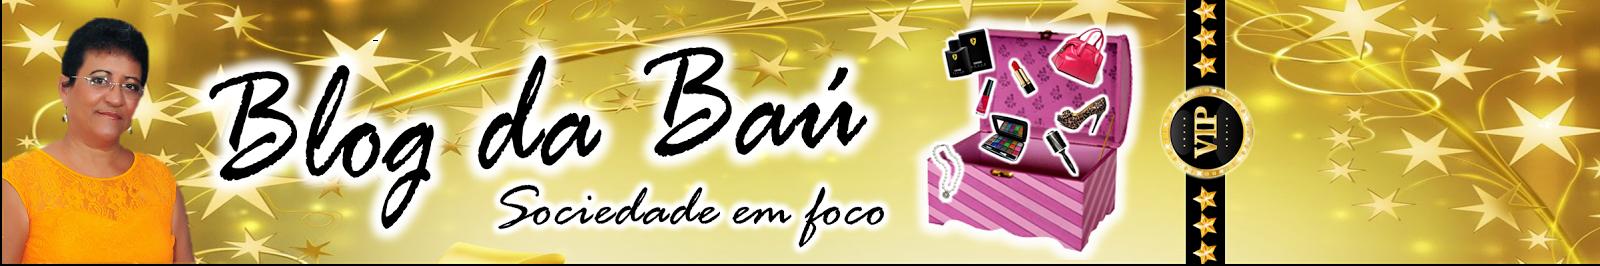 Blog da Baú